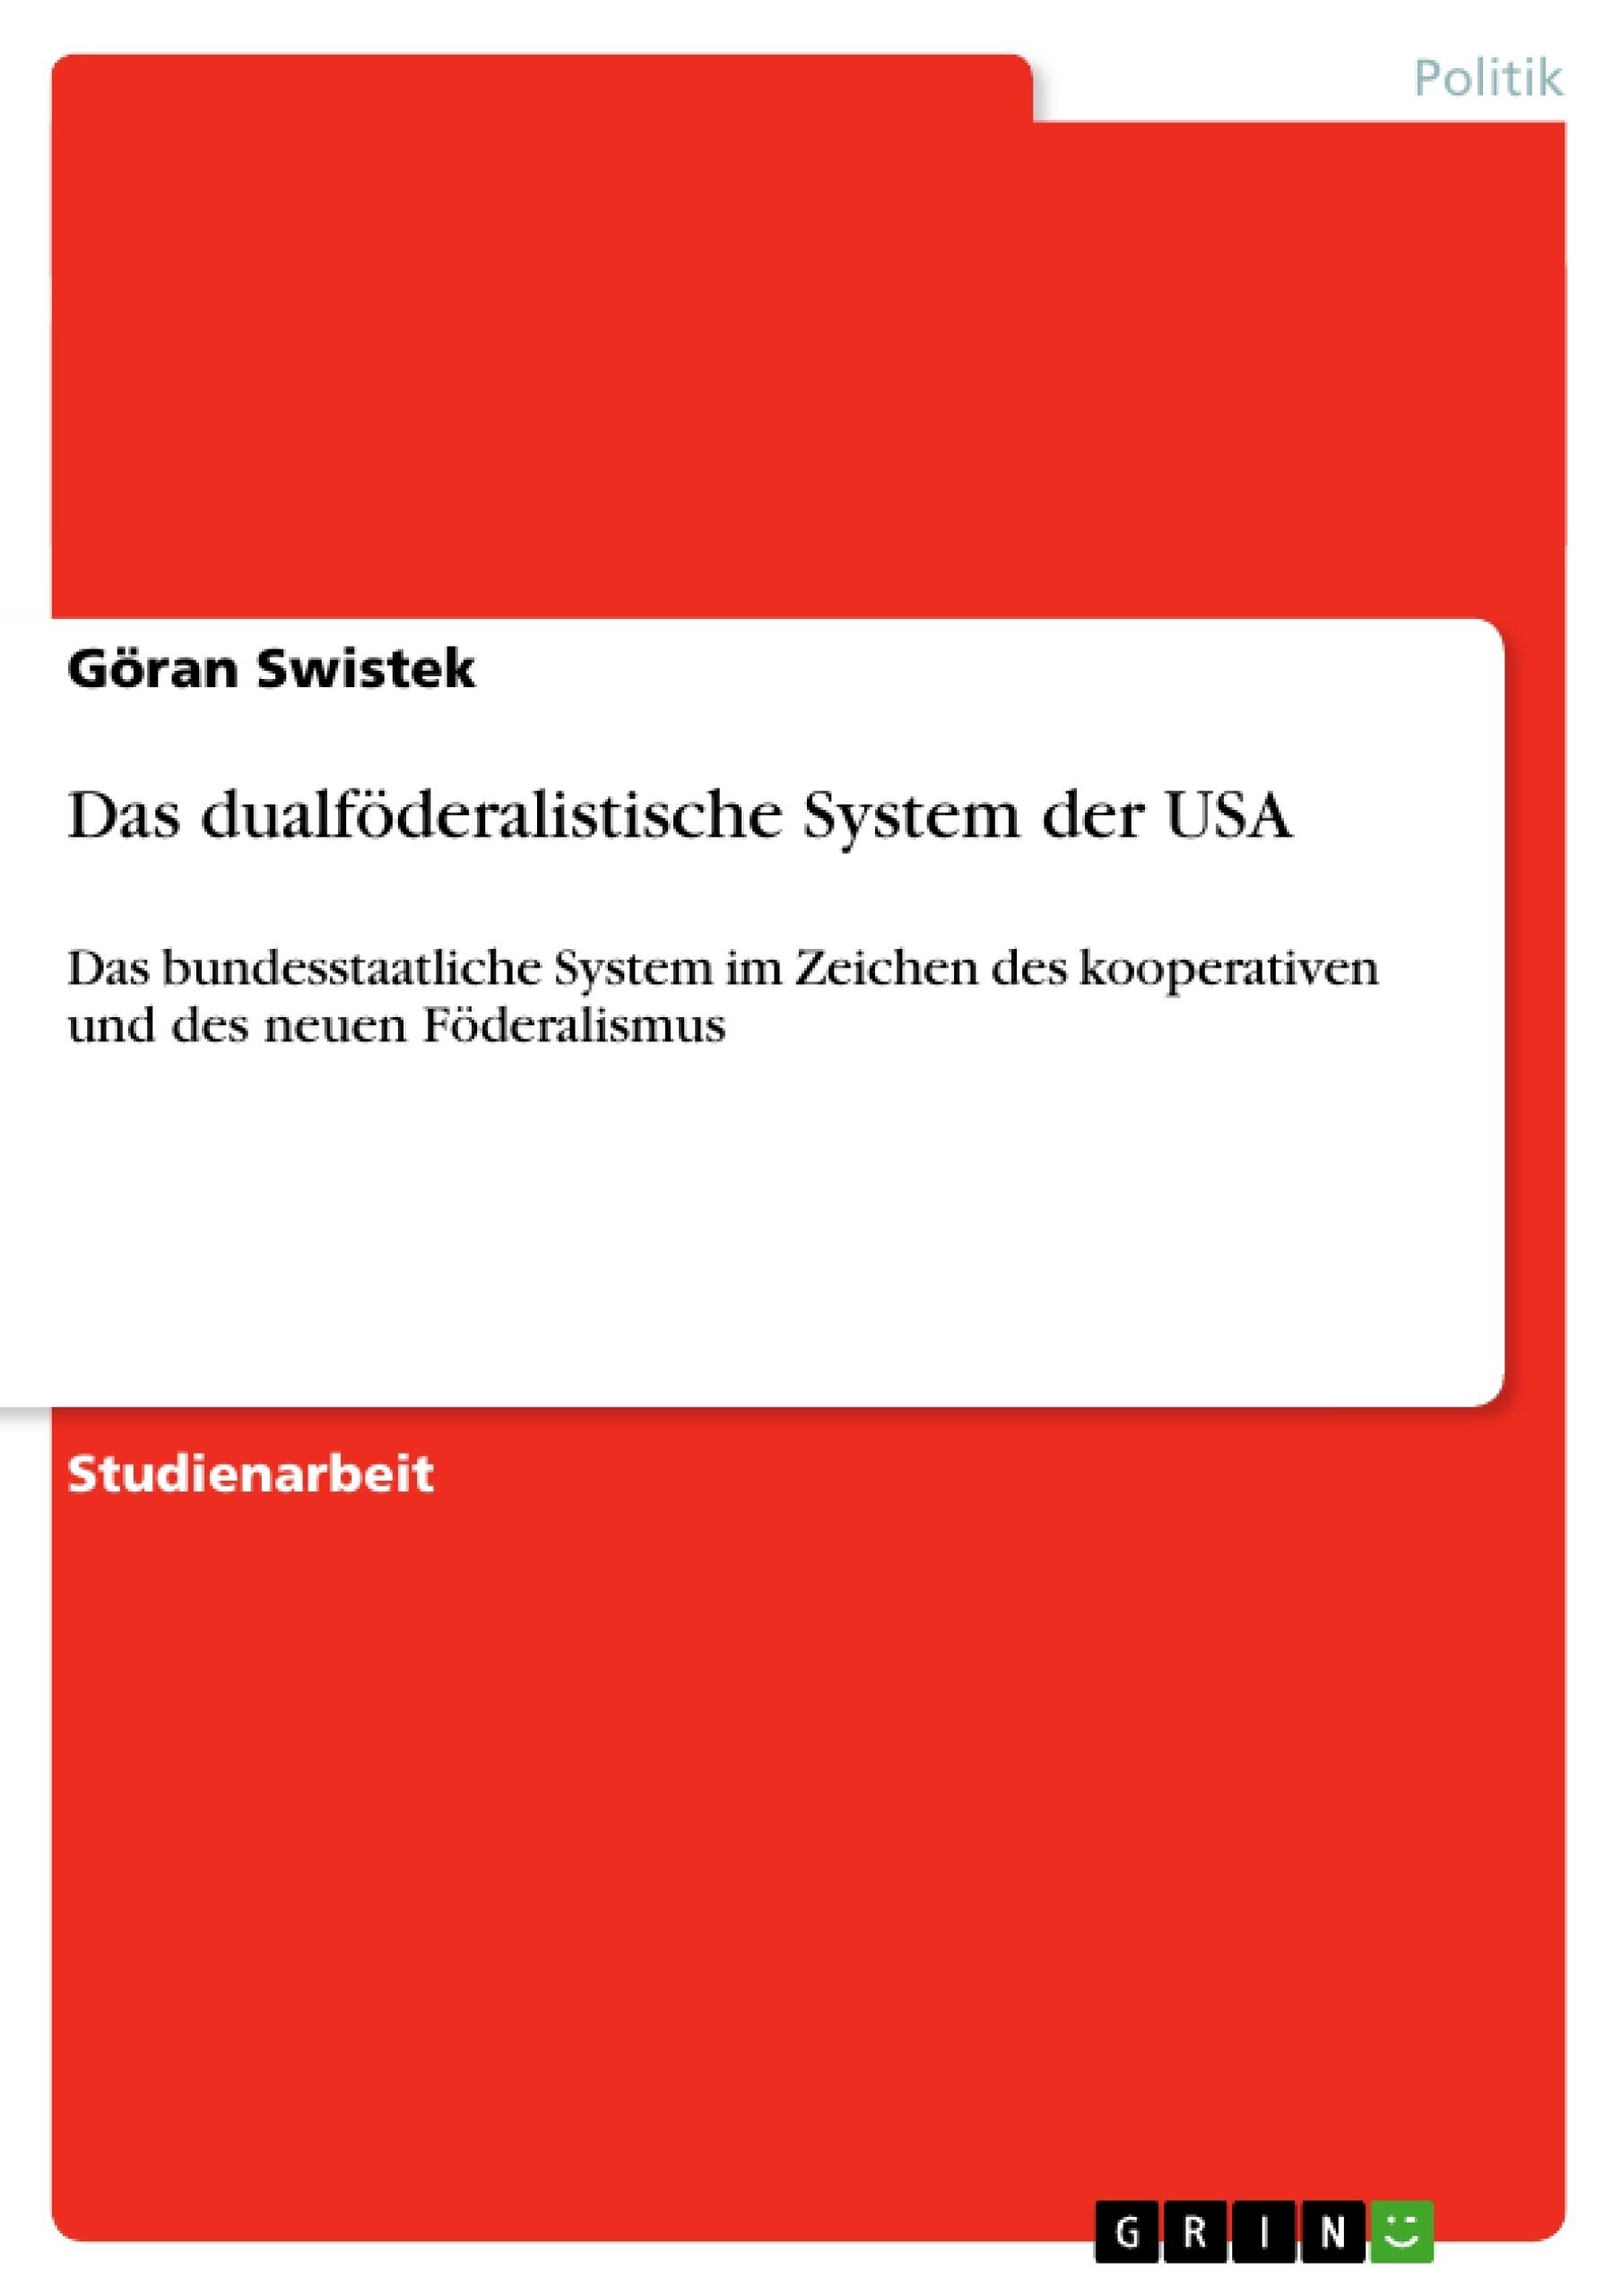 Titel: Das dualföderalistische System der USA